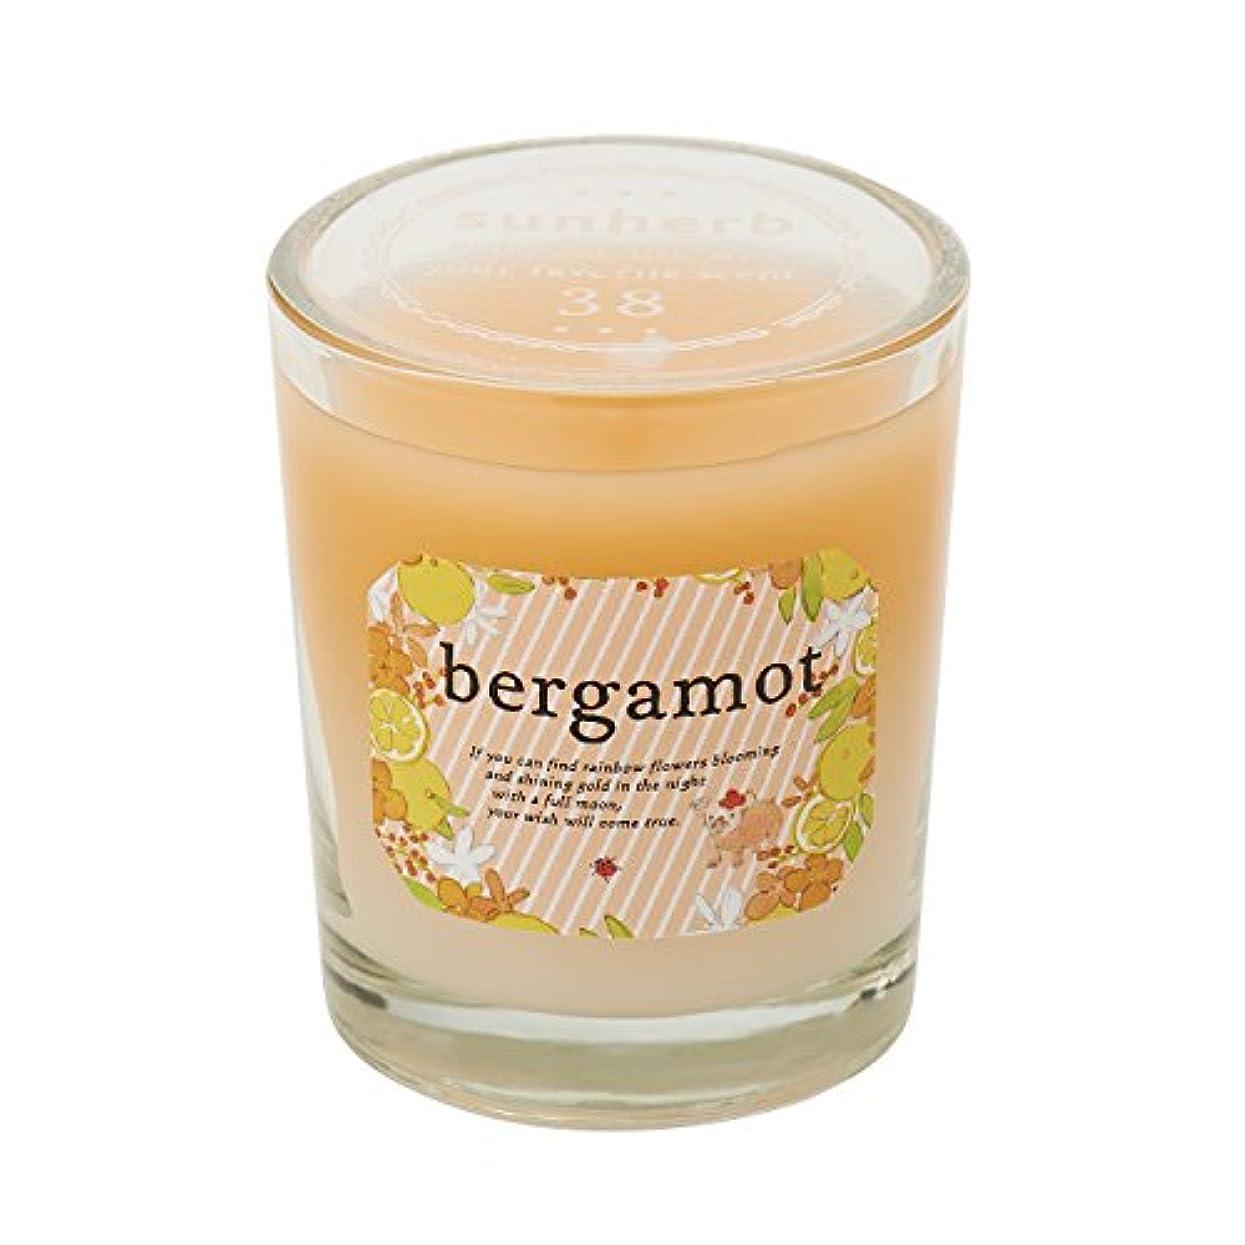 夕暮れデマンド立方体サンハーブ グラスキャンドル ベルガモット 35g(グラデーションろうそく 燃焼時間約10時間 懐かしい甘酸っぱい香り)